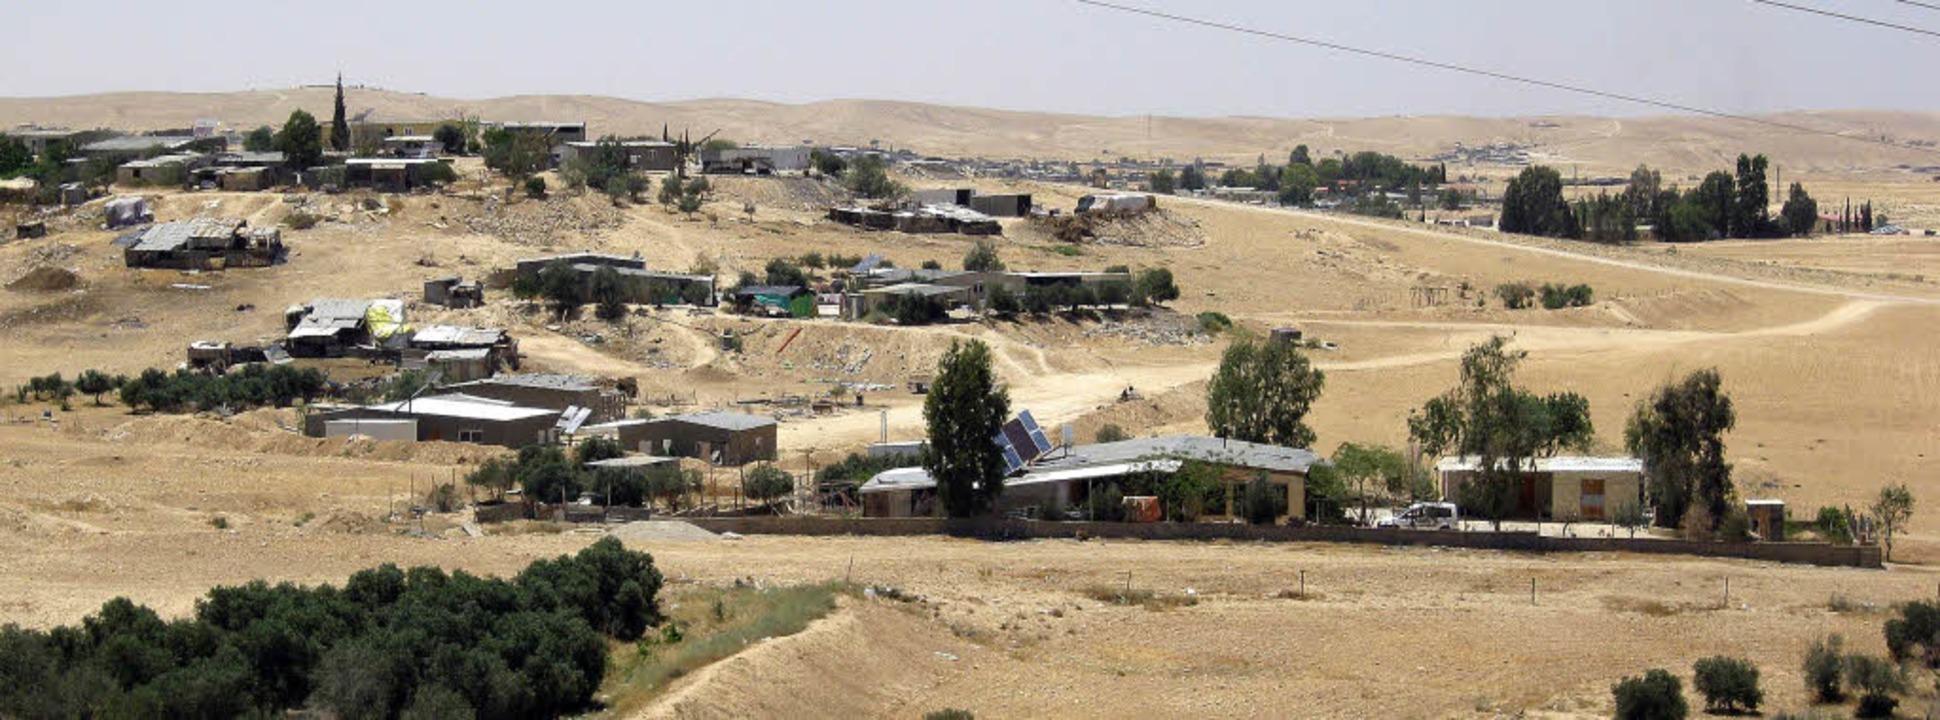 Ein typisches Beduinendorf in der Nege...0 Prozent des Staates Israel einnimmt     Foto: Inge günther